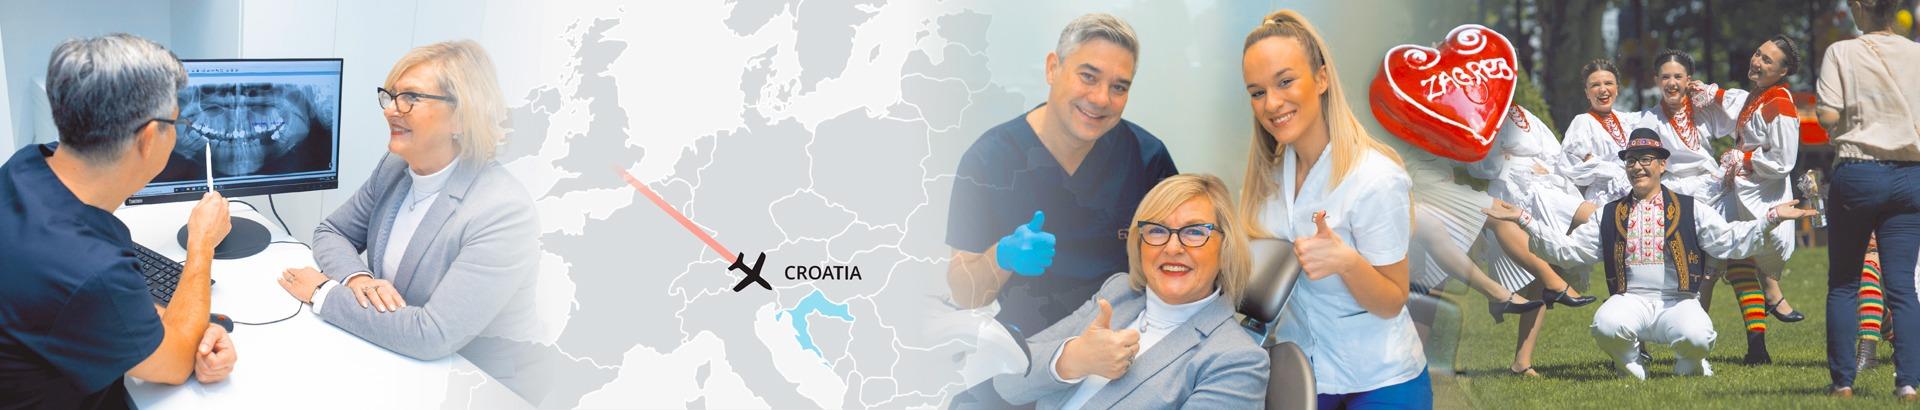 Free Dental Checkup Abroad Header Image